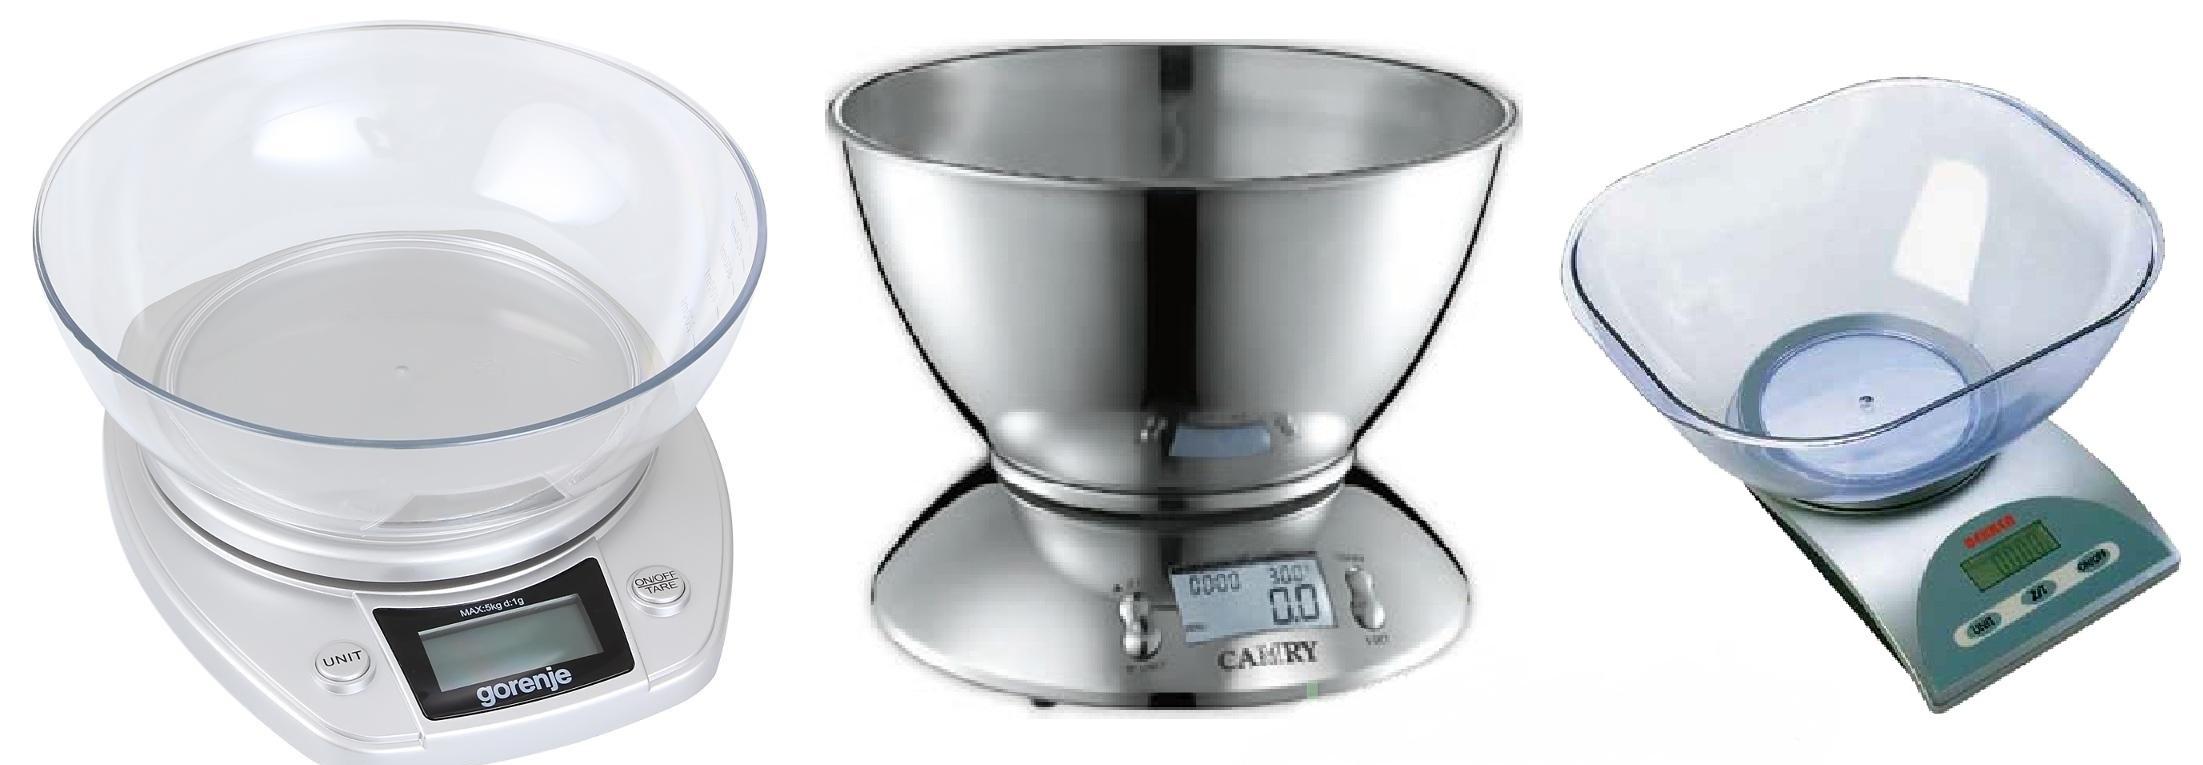 Кухонные весы какие лучше - рейтинг